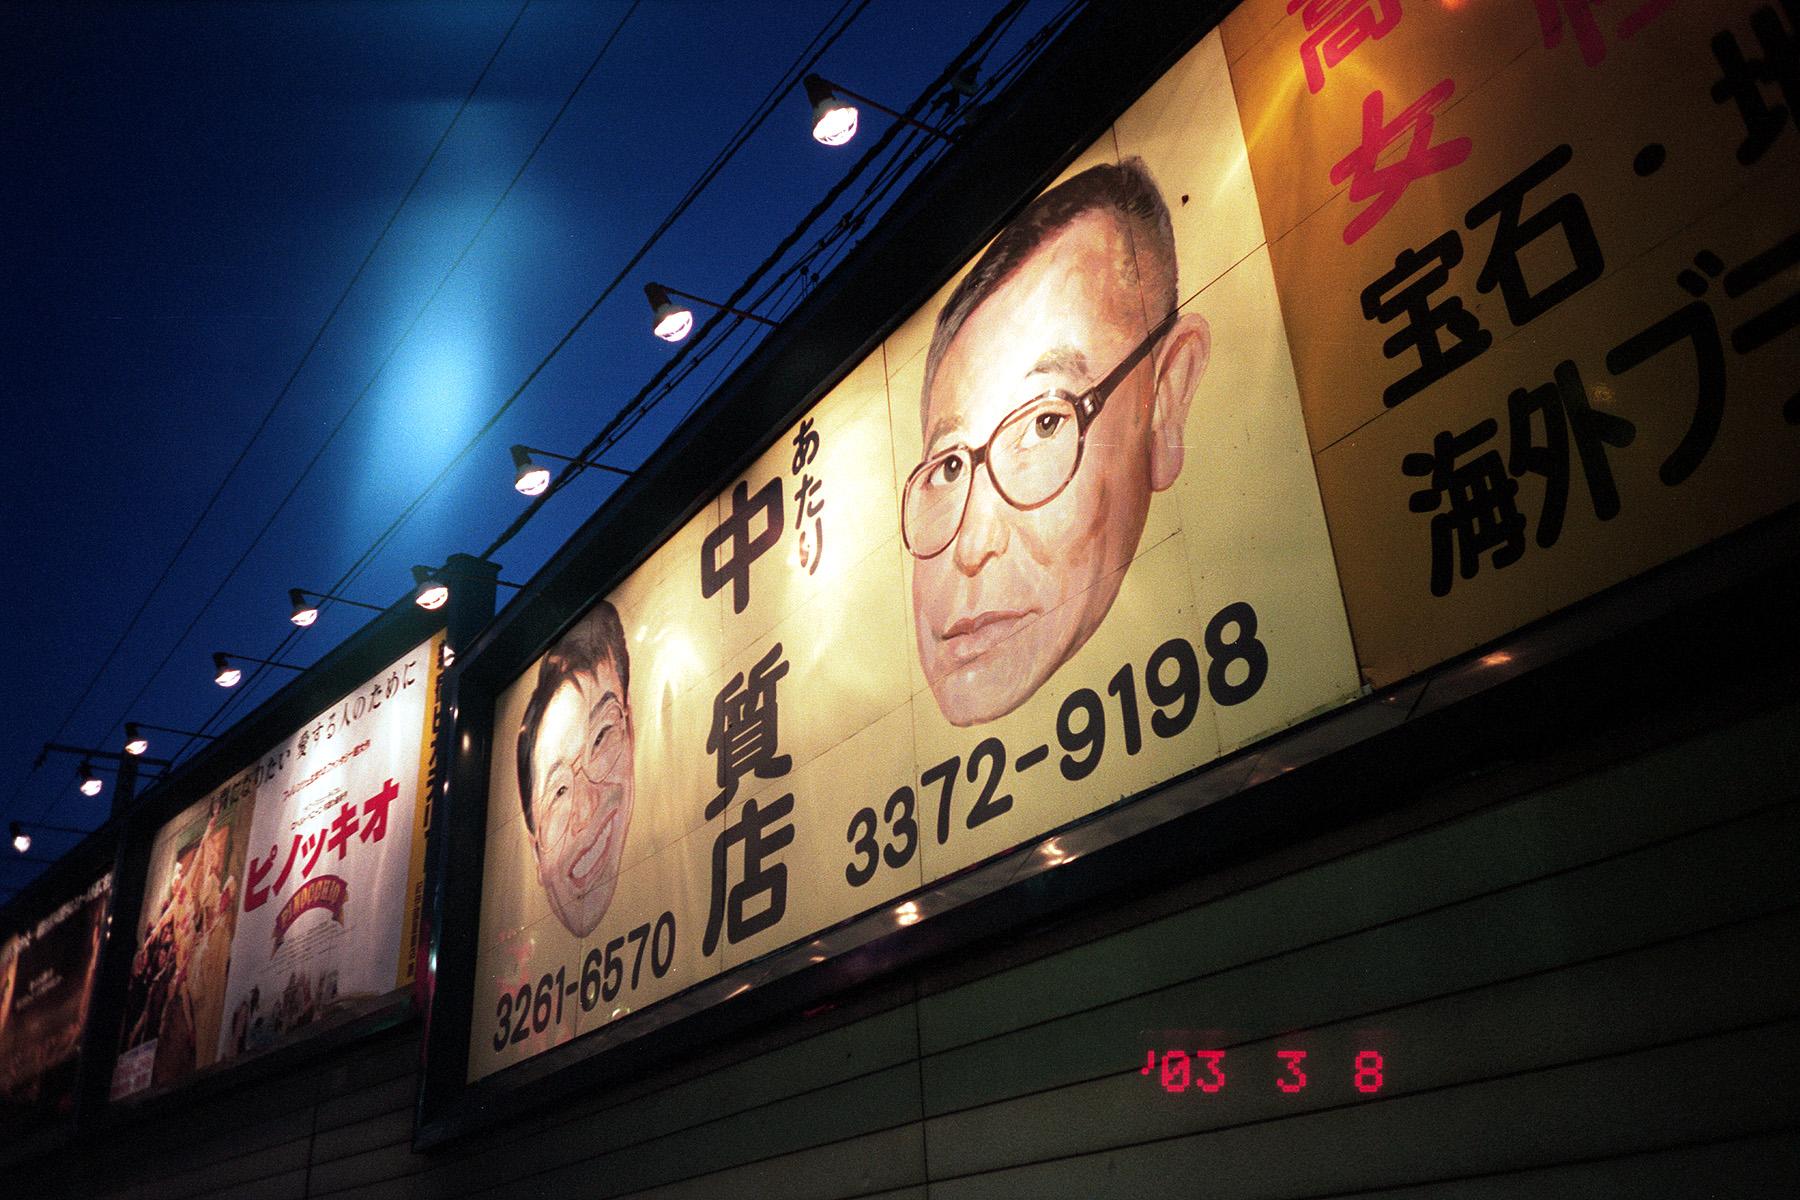 052 新宿駅東口、線路沿いの看板 新宿区新宿3-23 20030308((06)03.07.32)